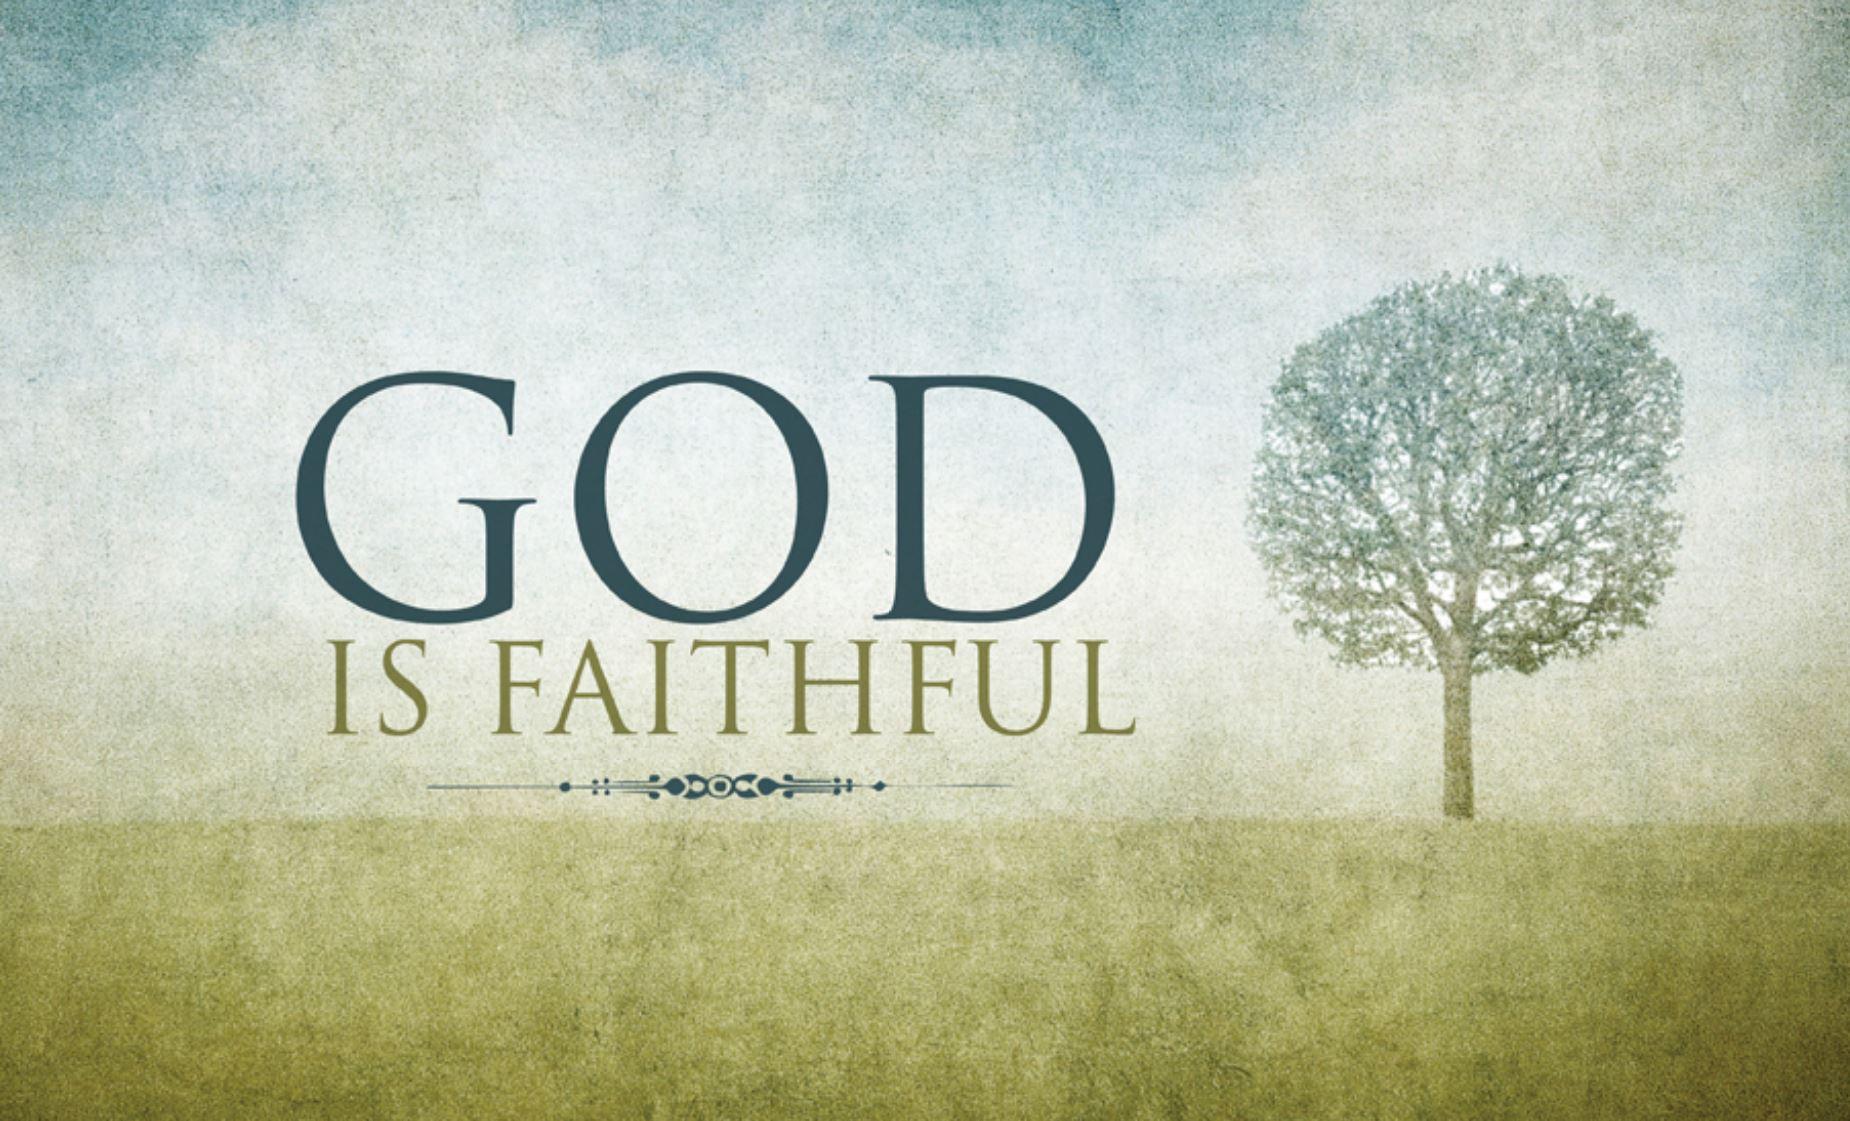 But God is Faithful!